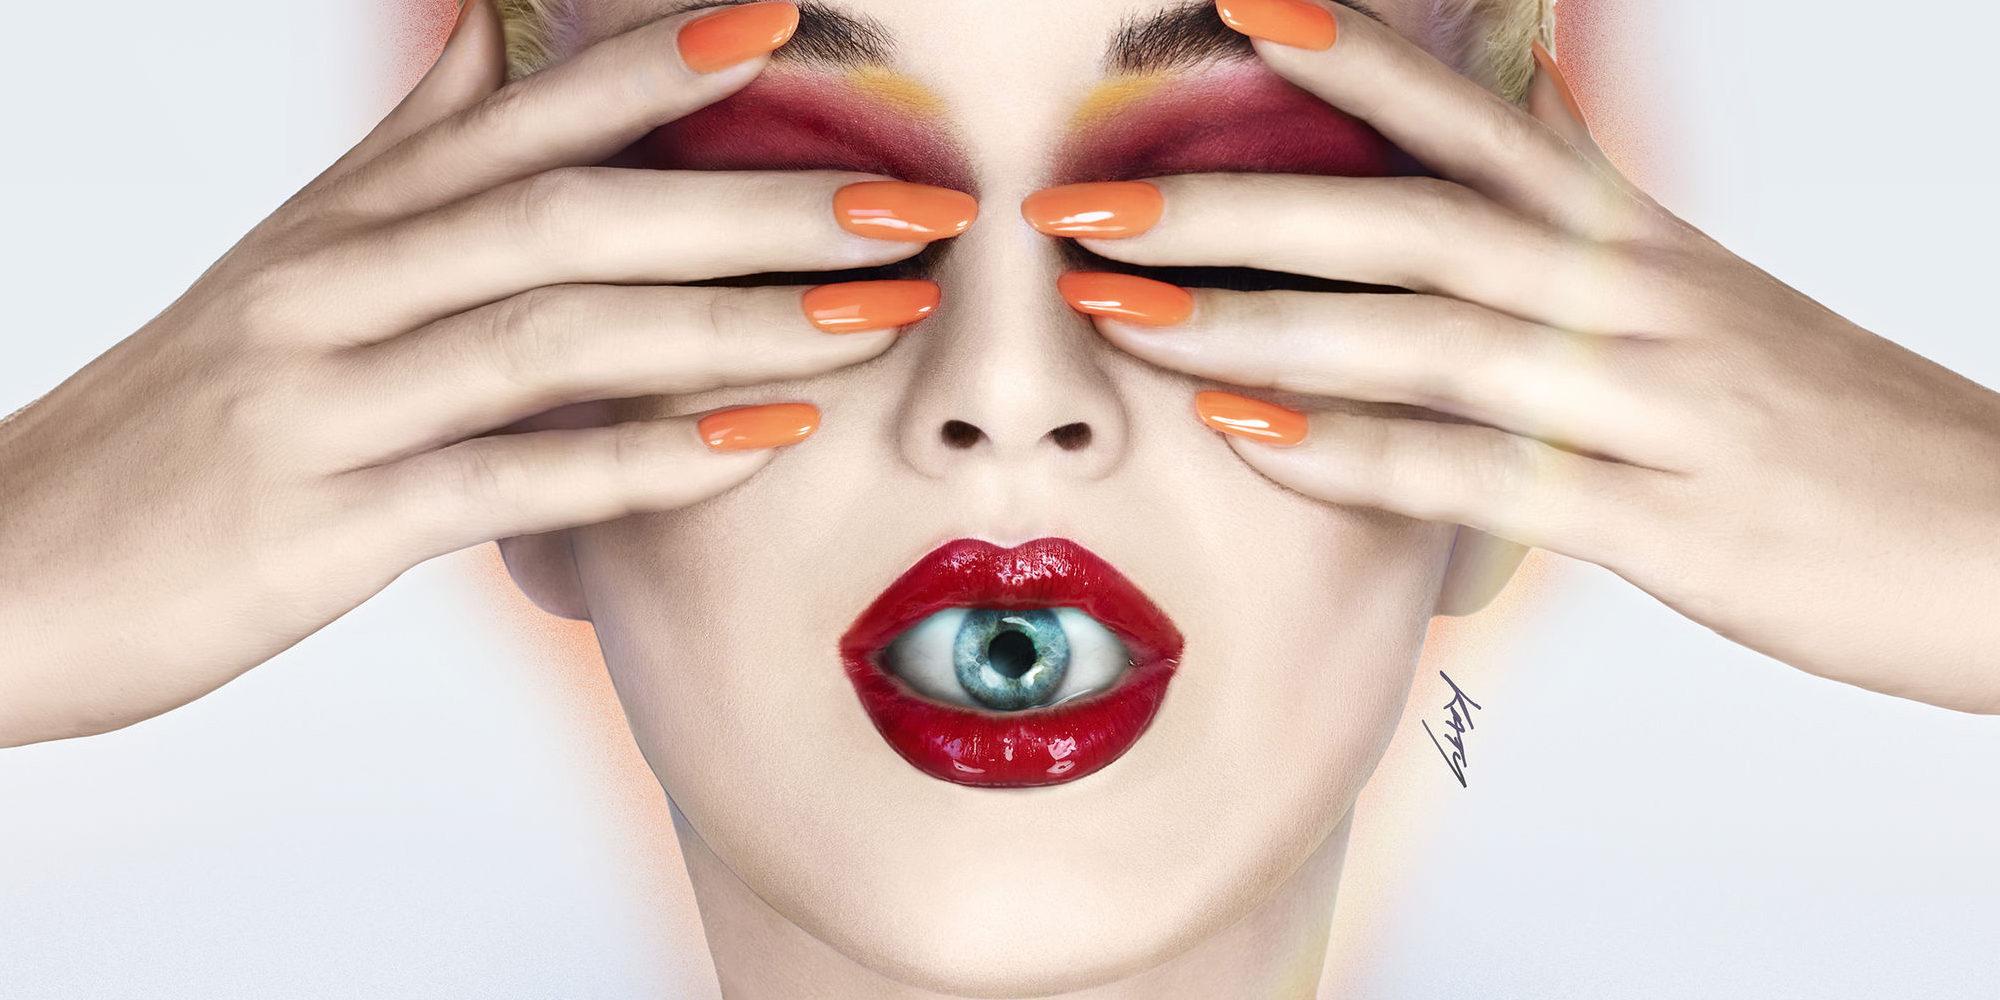 Ya está aquí 'Witness', el esperado cuarto álbum de Katy Perry